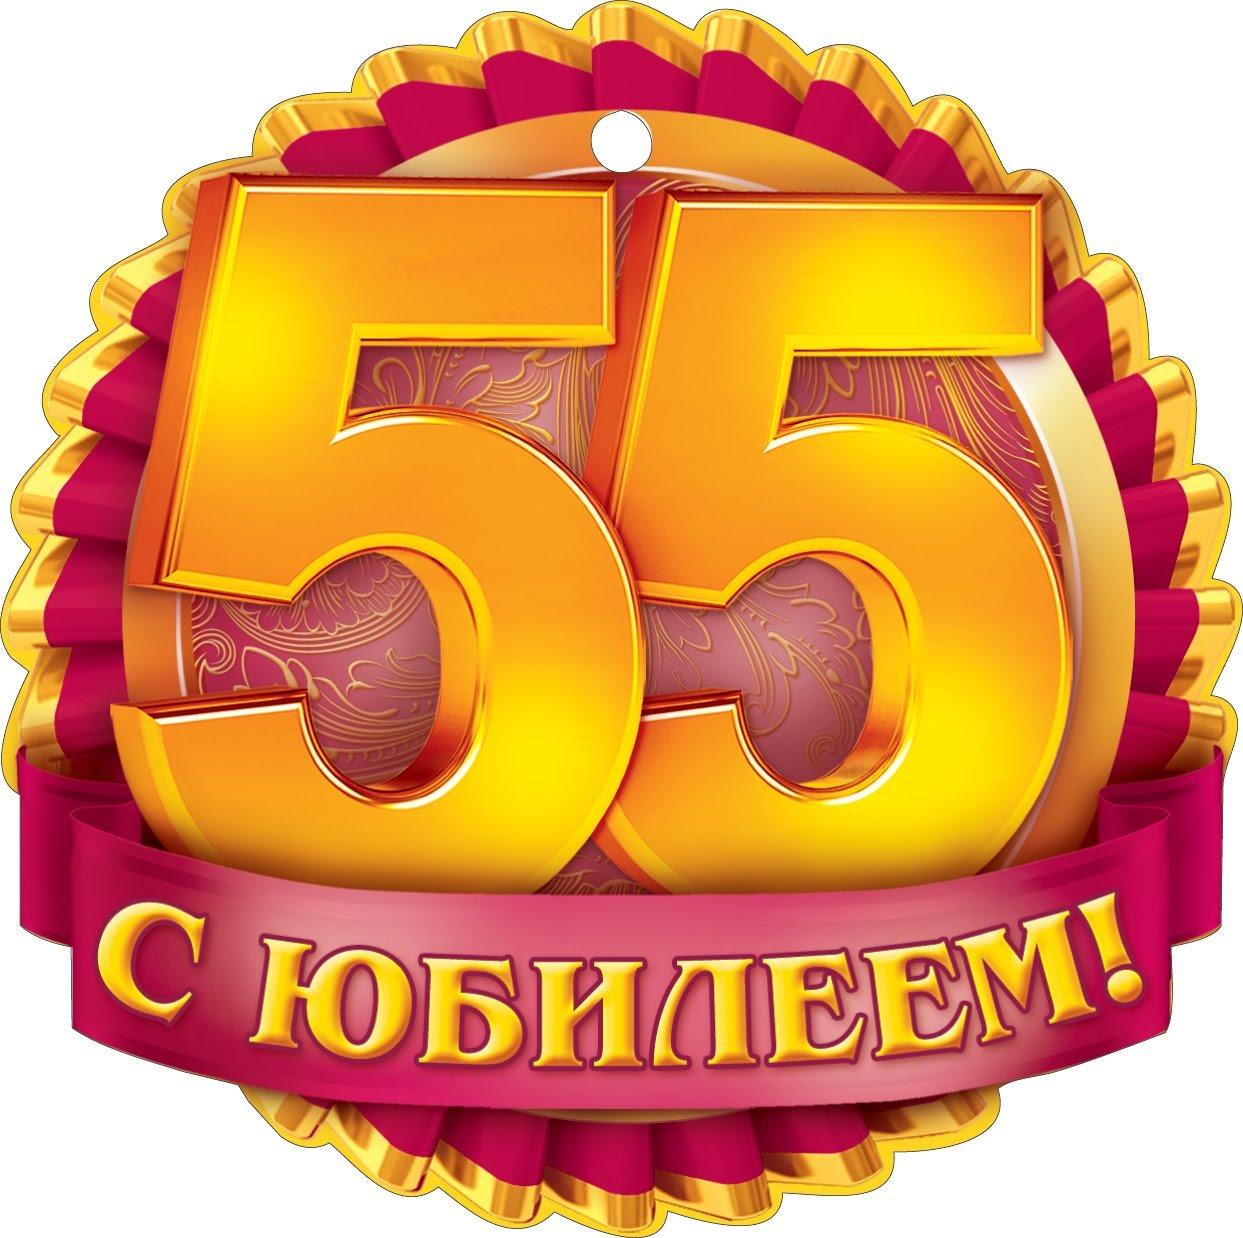 Поздравление алле с юбилеем 55 лет